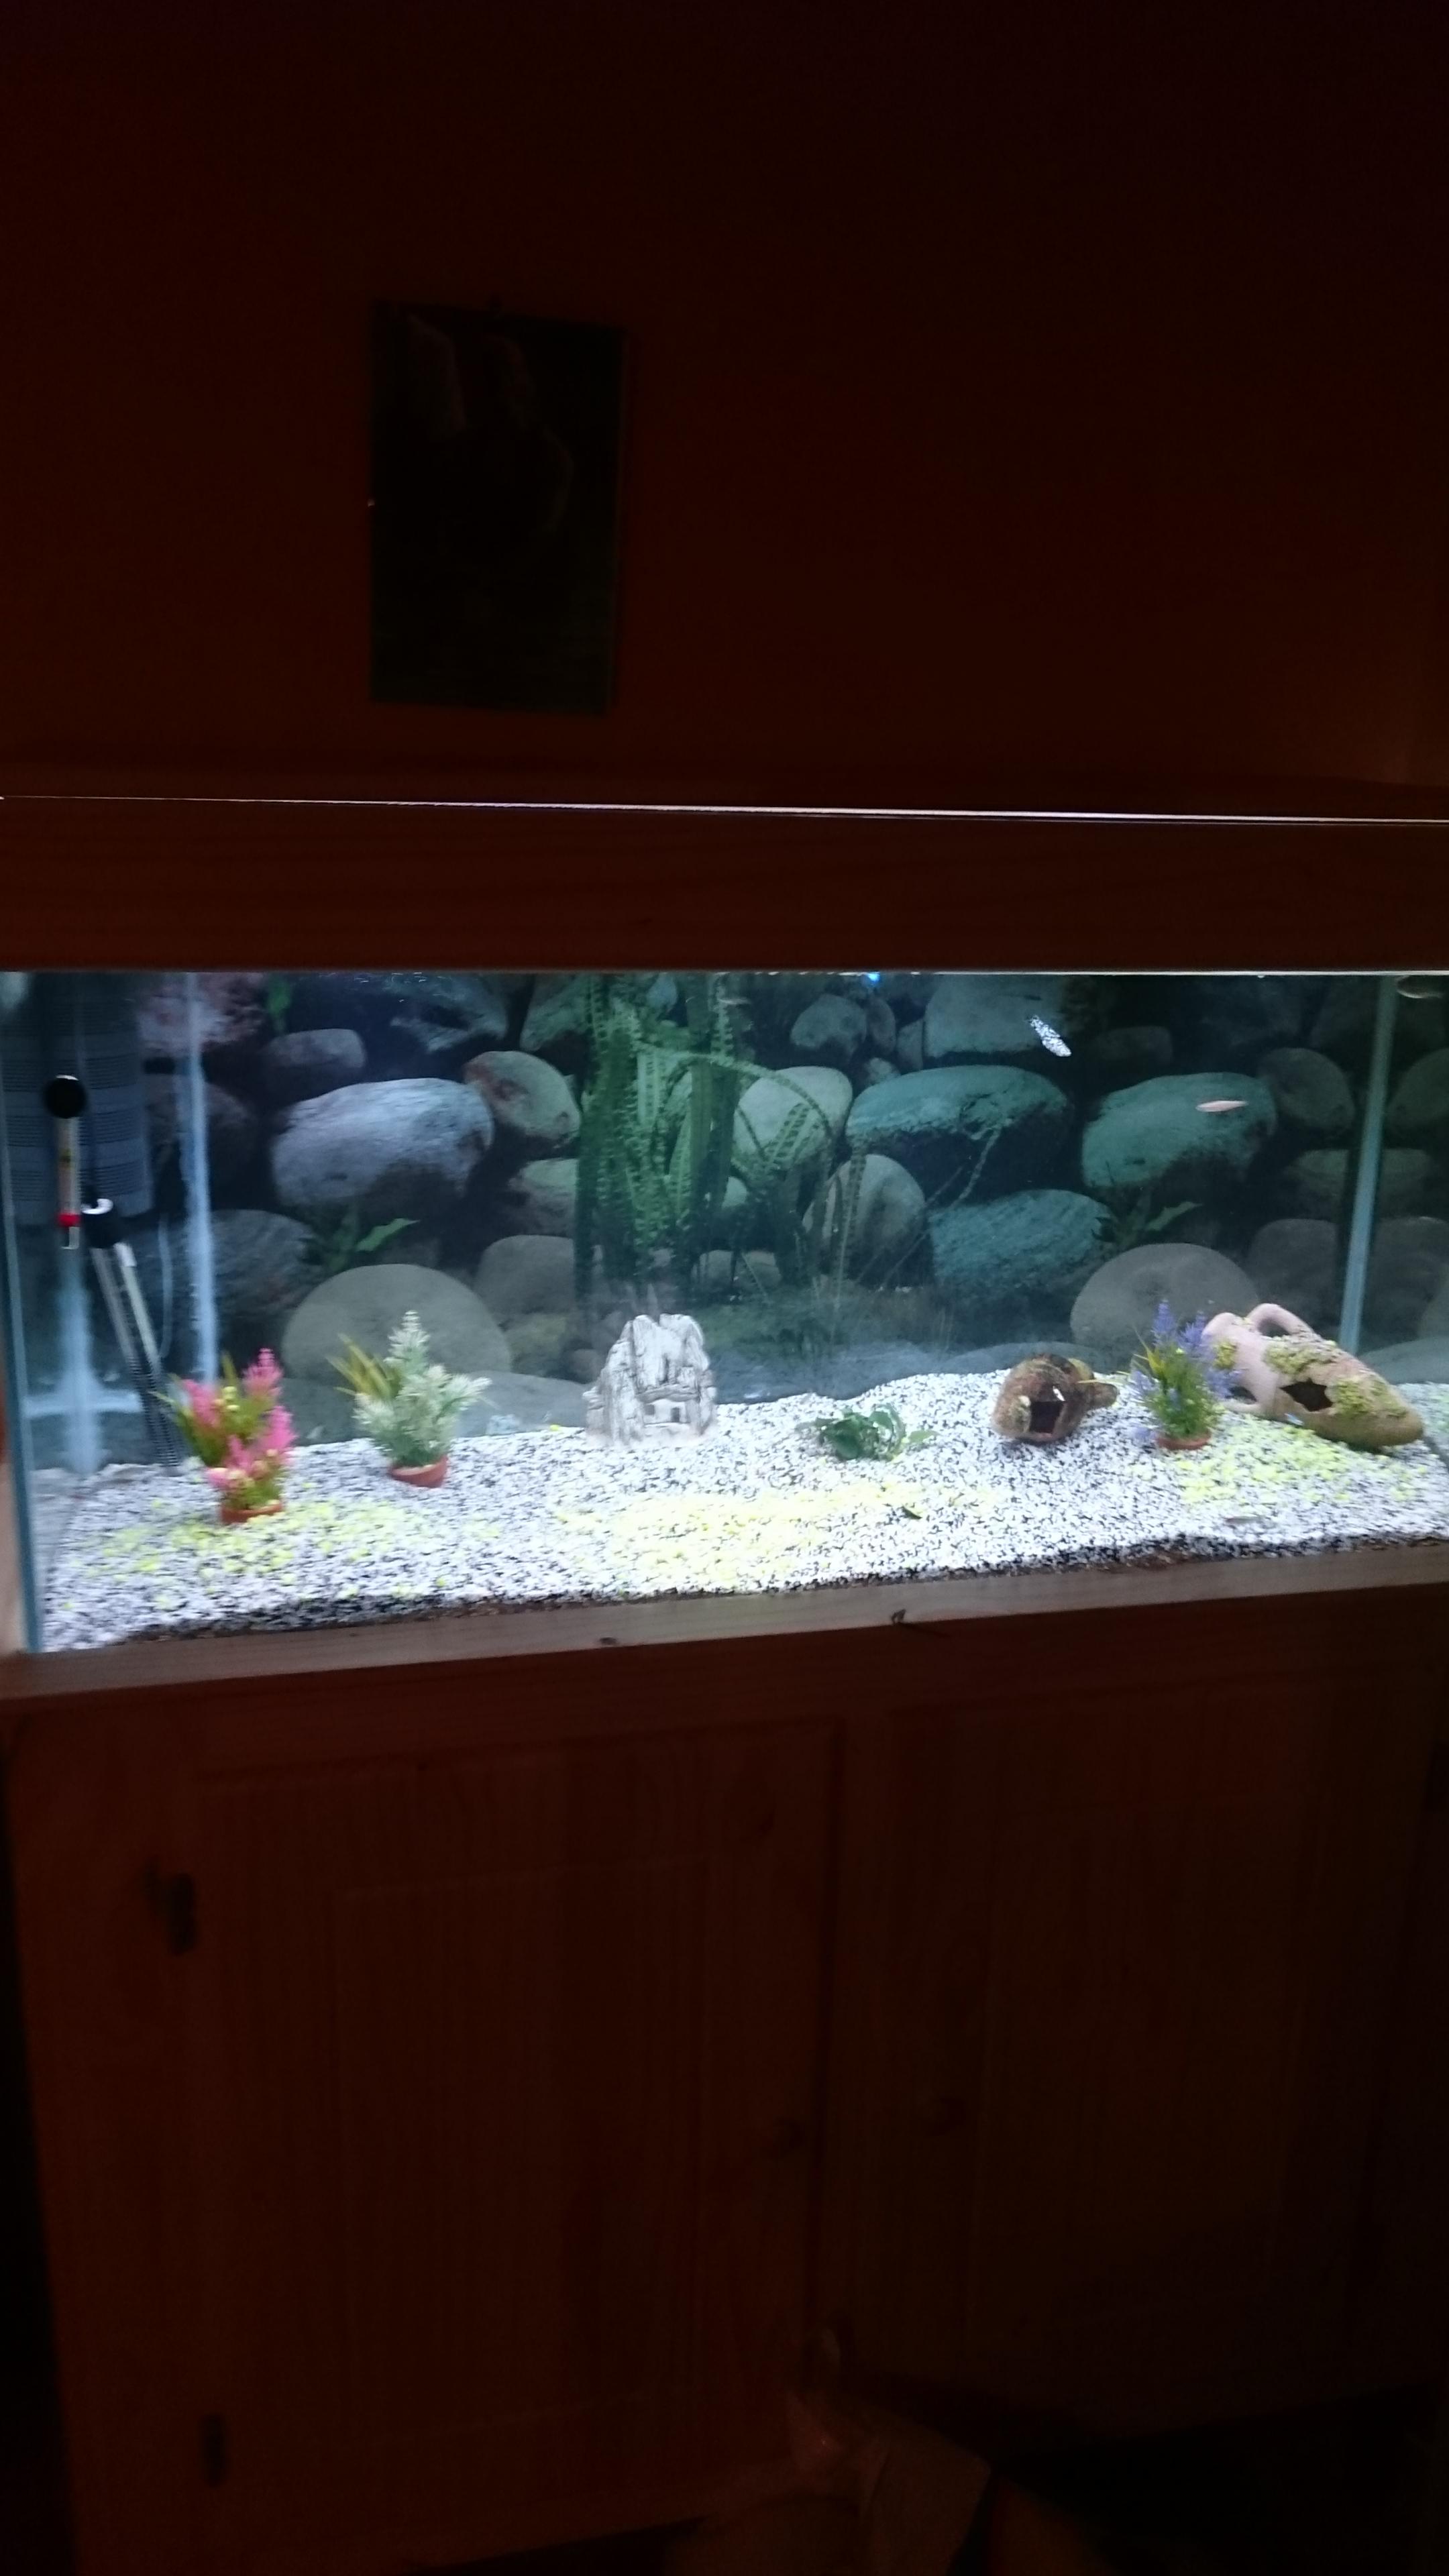 http://kimikooo.free.fr/Aquarium/DSC_0163.JPG